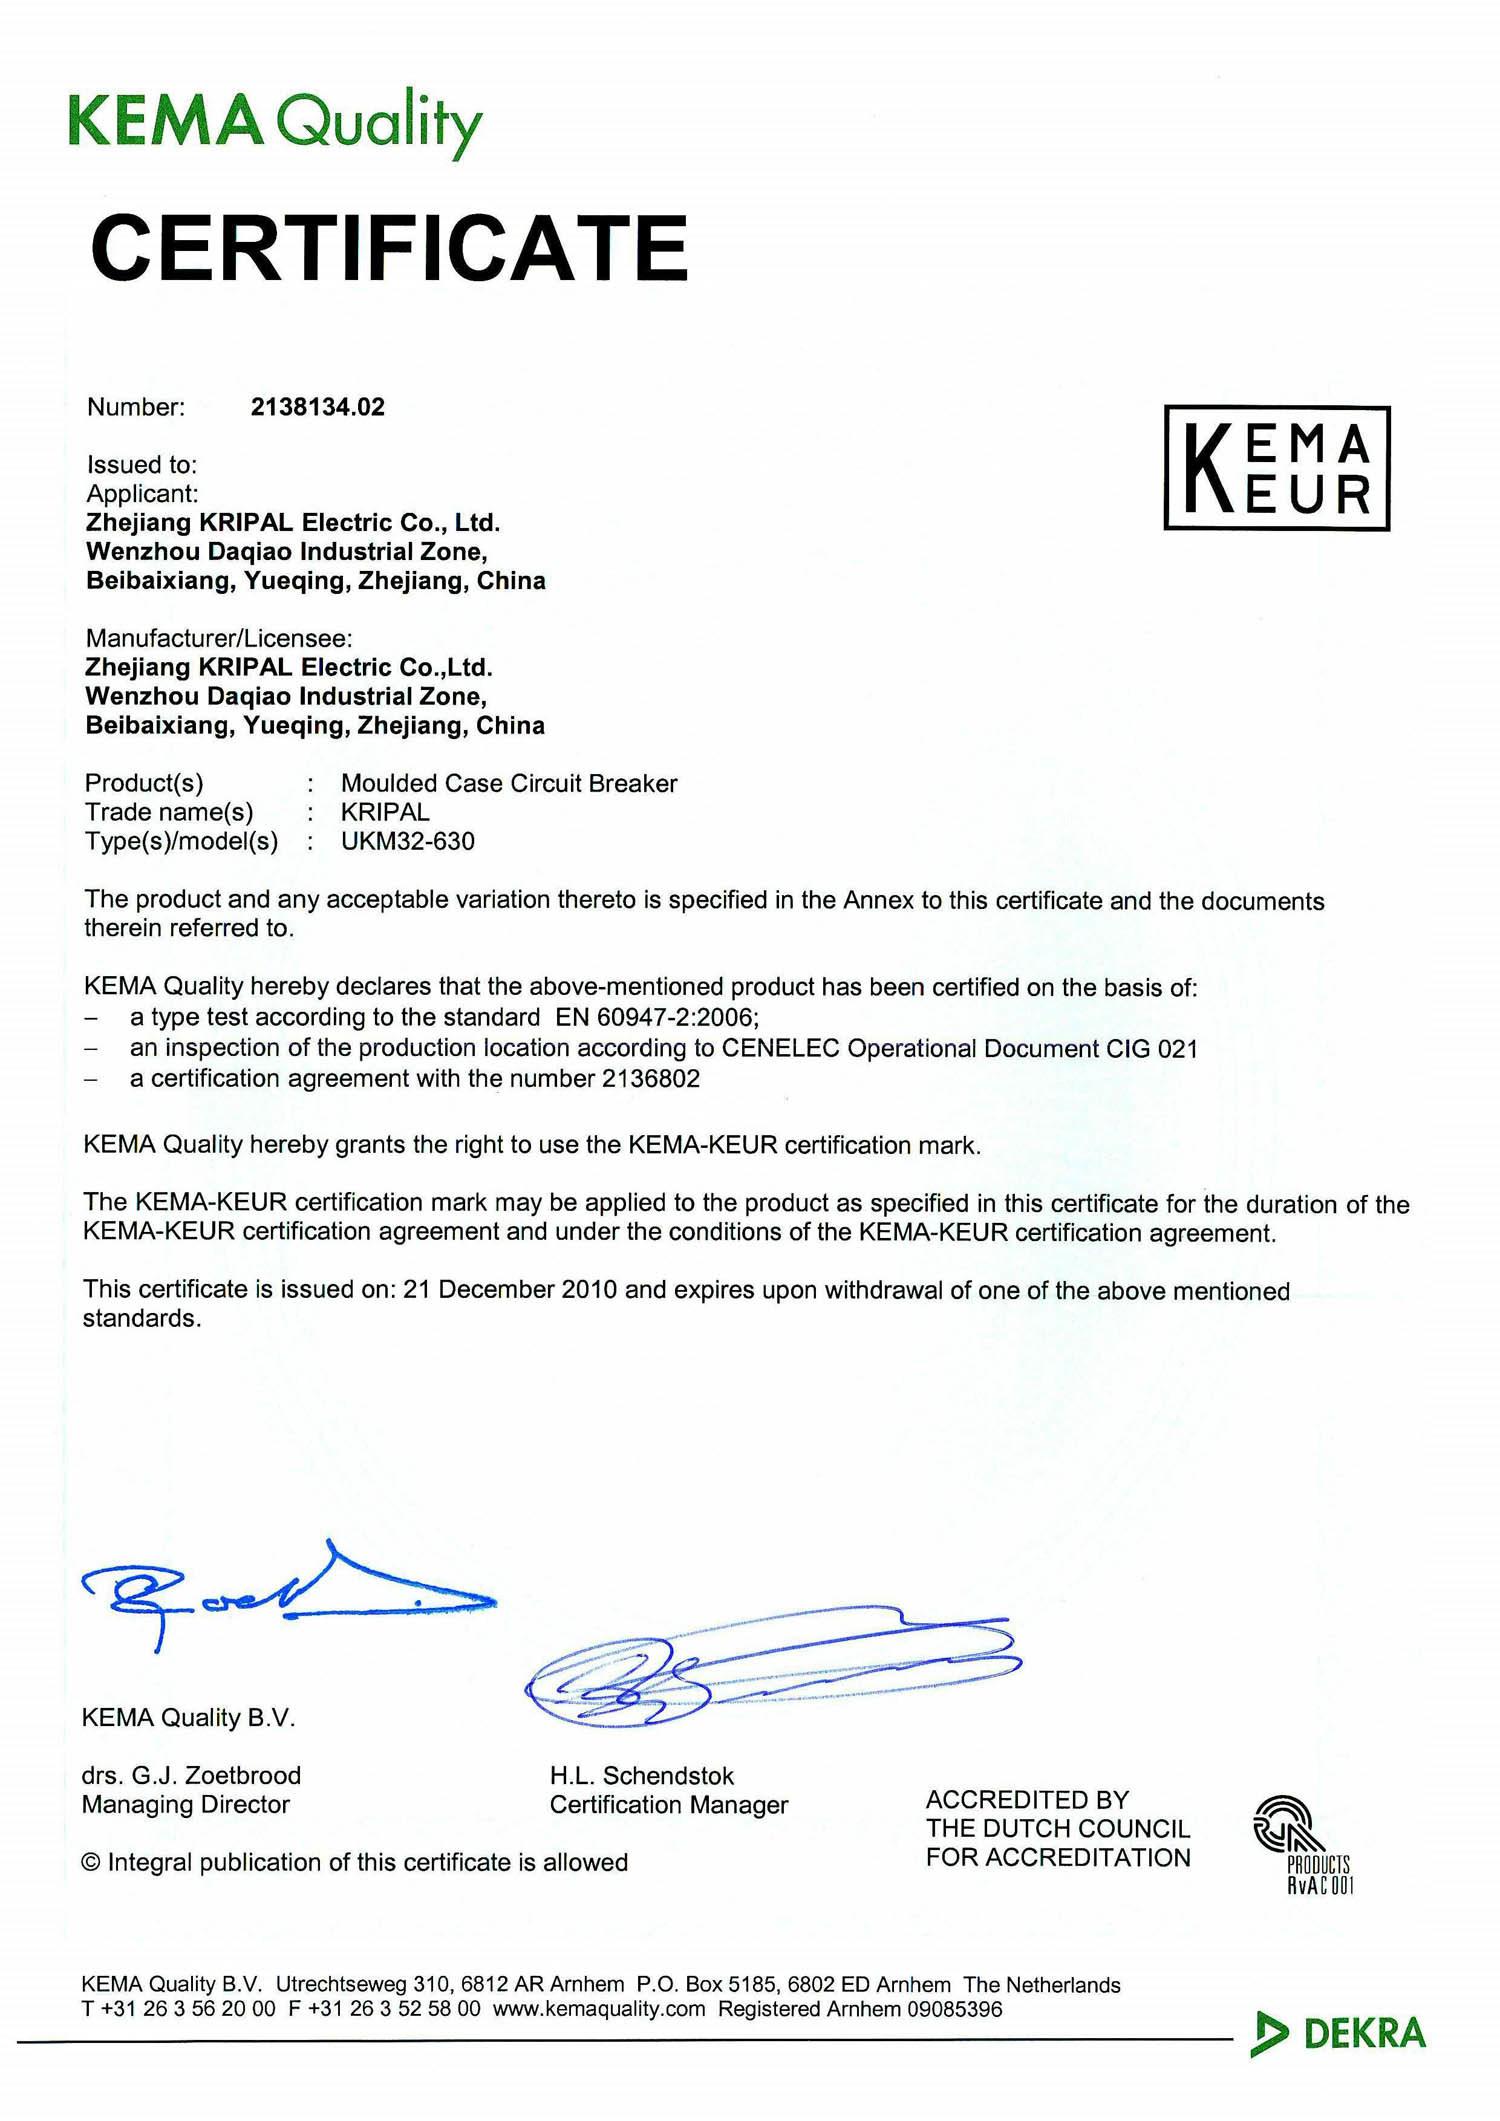 Kema Certificate Mccb 630a Zhejiang Kripal Electric Co